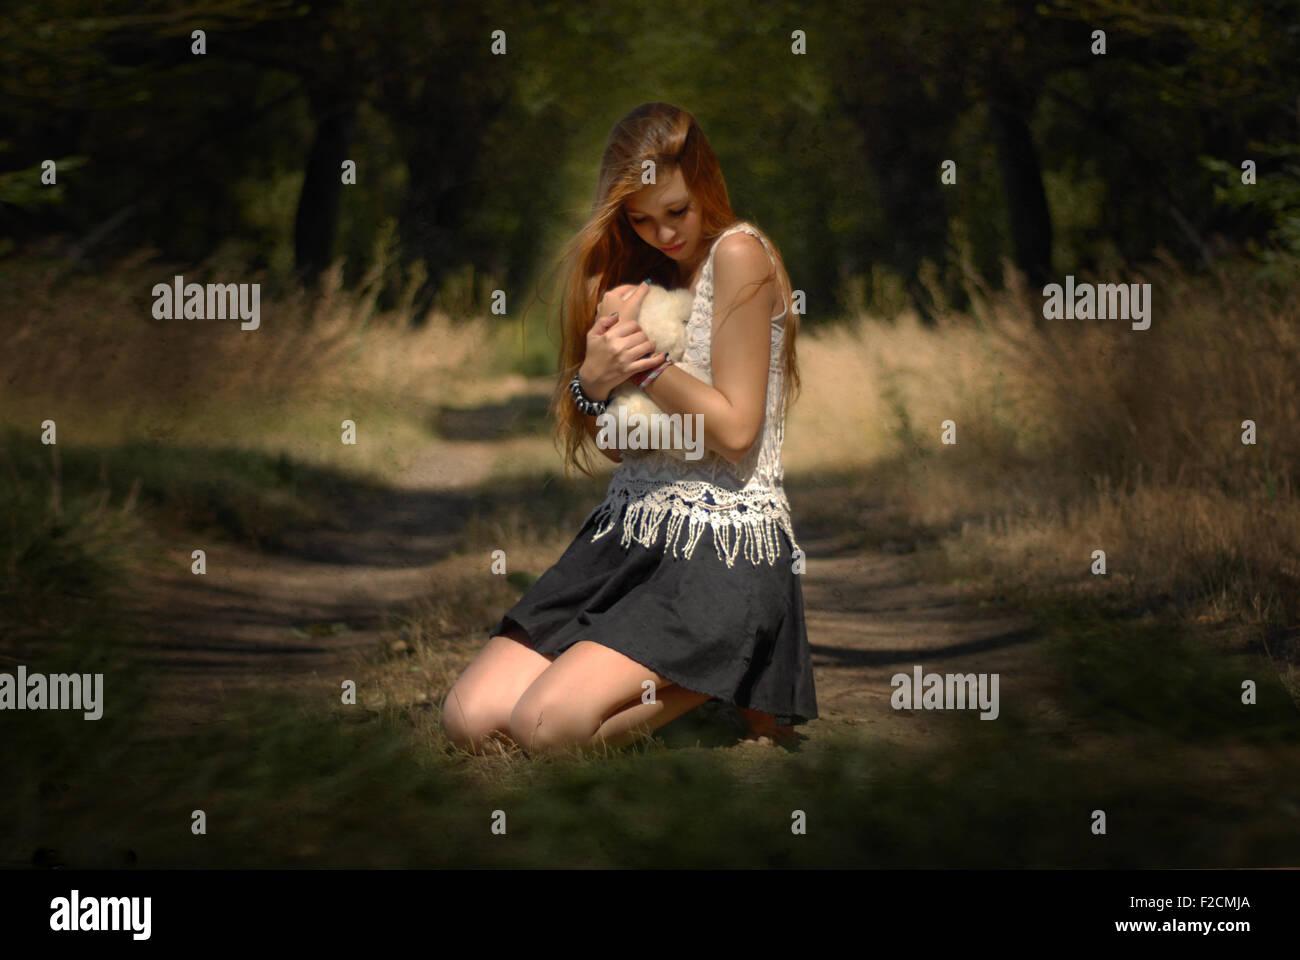 Perdeu a alma e a inocência - menina abraçando Teddy Bear na floresta choro menina na floresta com Teddy Imagens de Stock